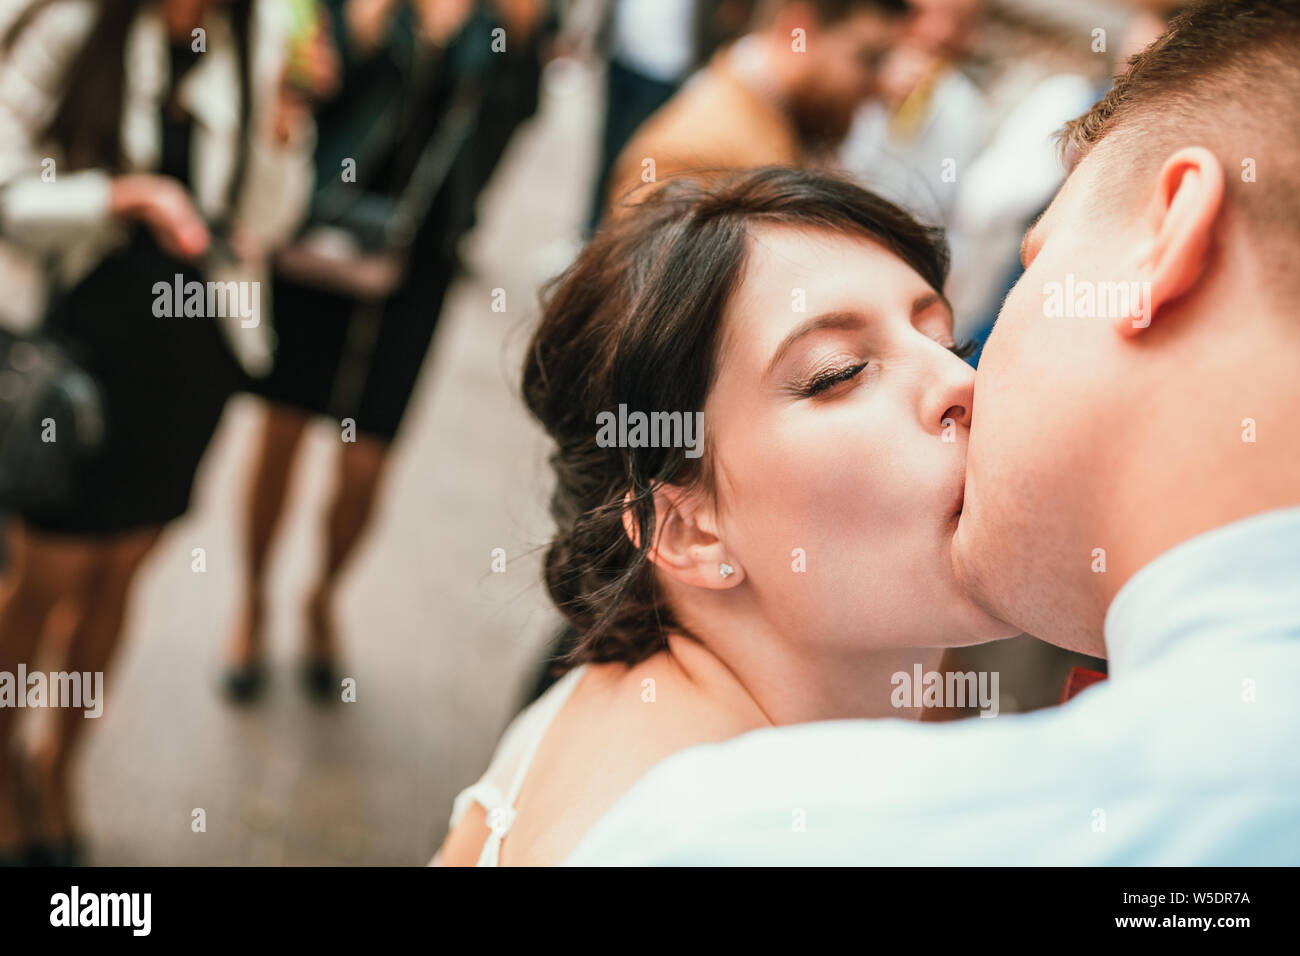 Belle mariée et le marié accolades et embrassades le jour de leur mariage à l'extérieur. Mariage Concept, nouvelle famille. Banque D'Images